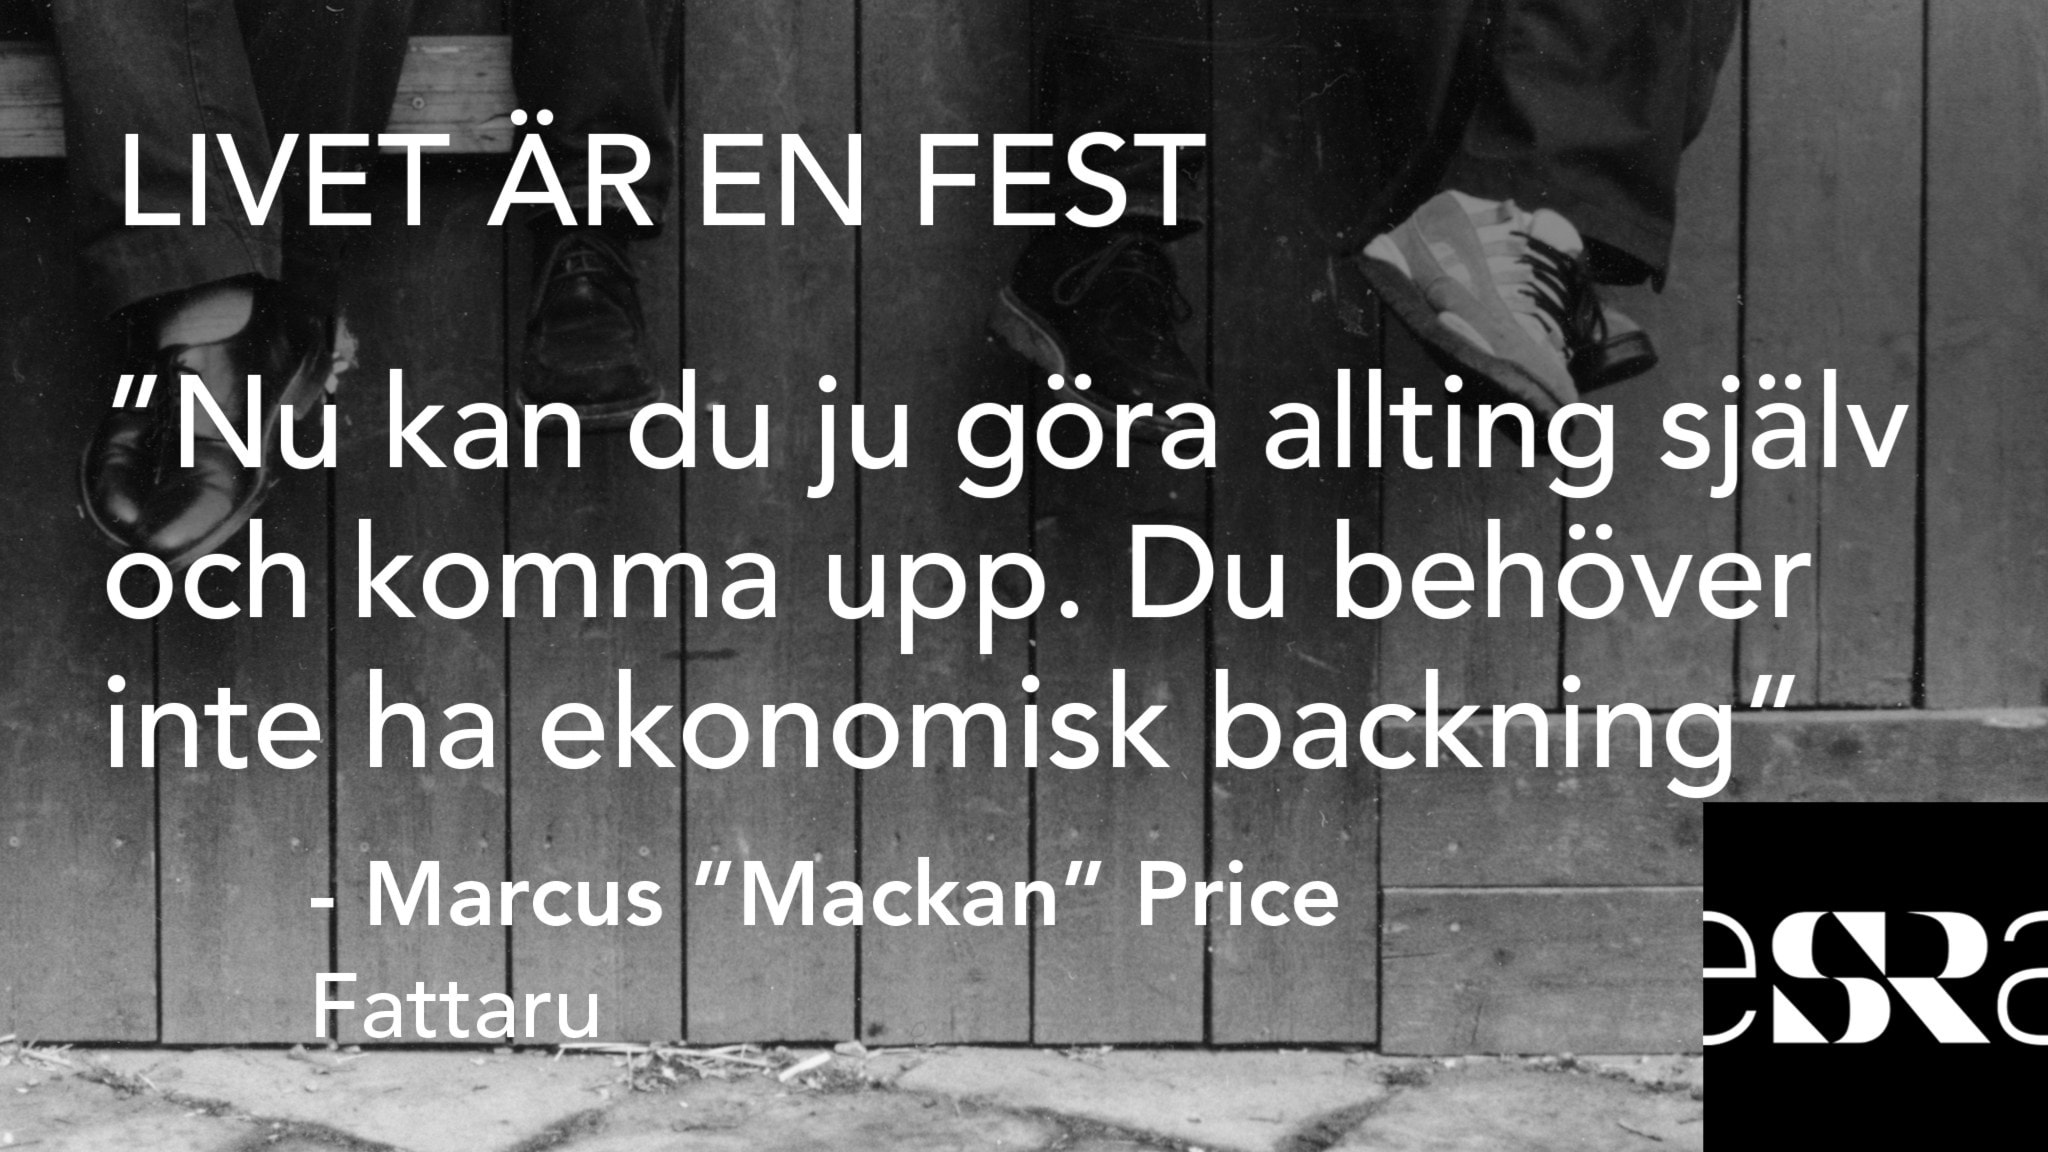 """""""Nu kan du ju göra allting själv och komma upp. Du behöver inte ha ekonomisk backning"""" – Marcus """"Mackan """"Price - Fattaru. Foto: Sveriges Radio"""